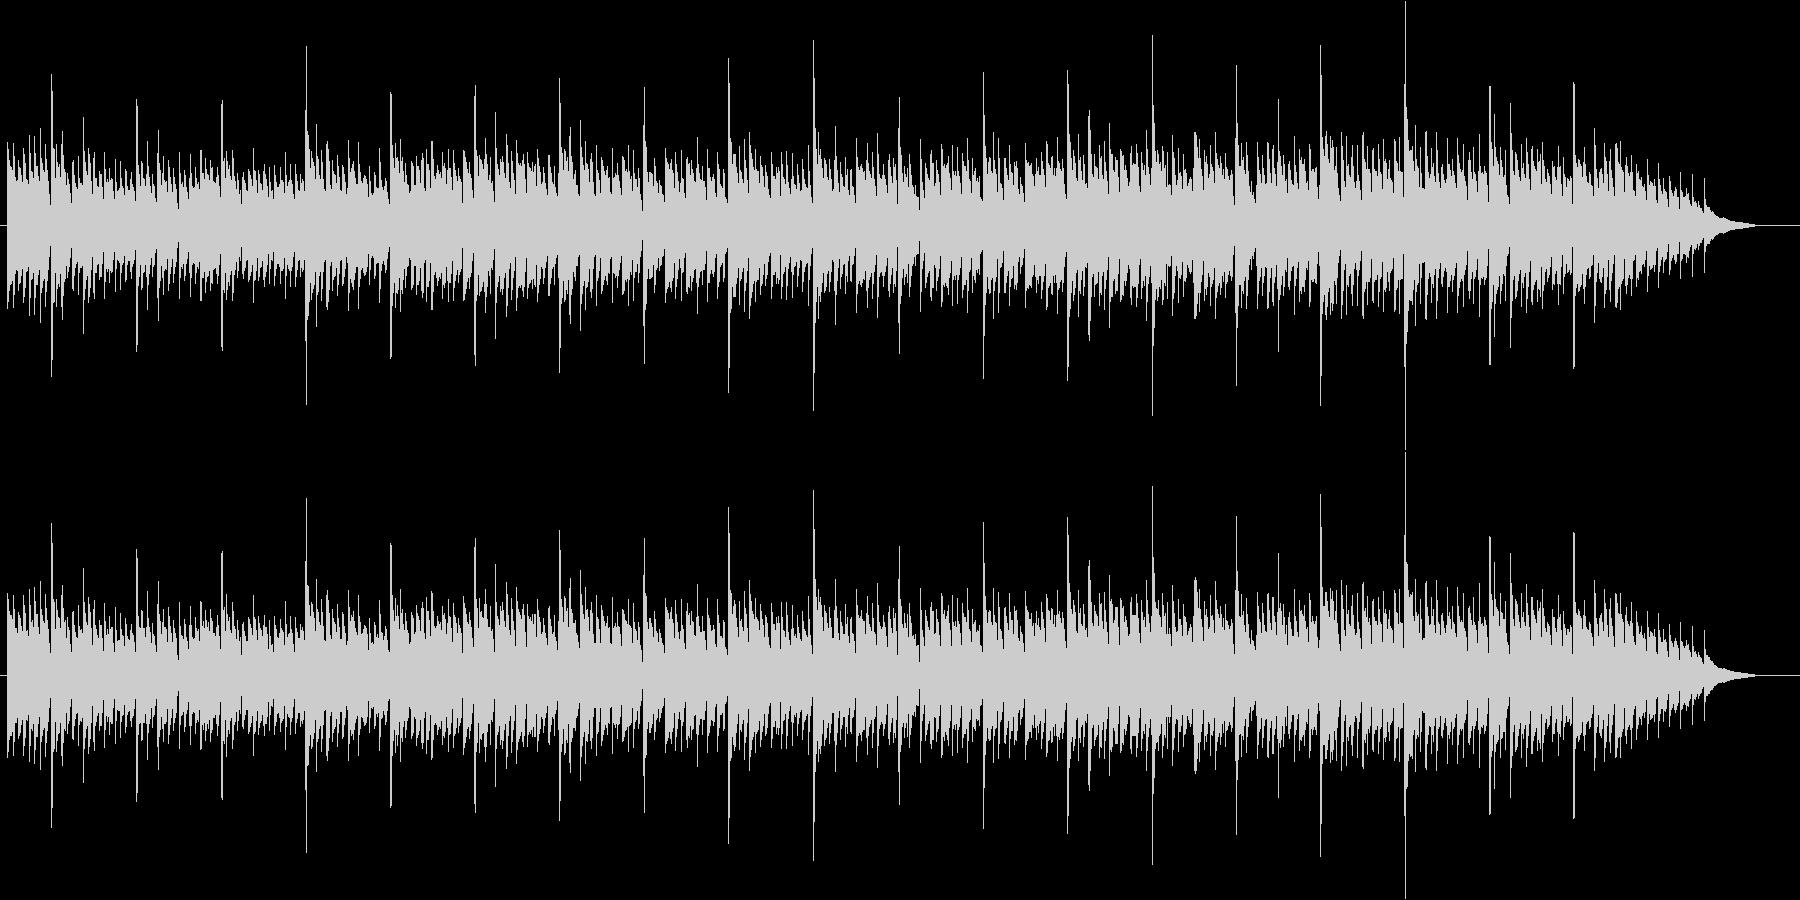 アコースティックギターによる雨の街3 の未再生の波形